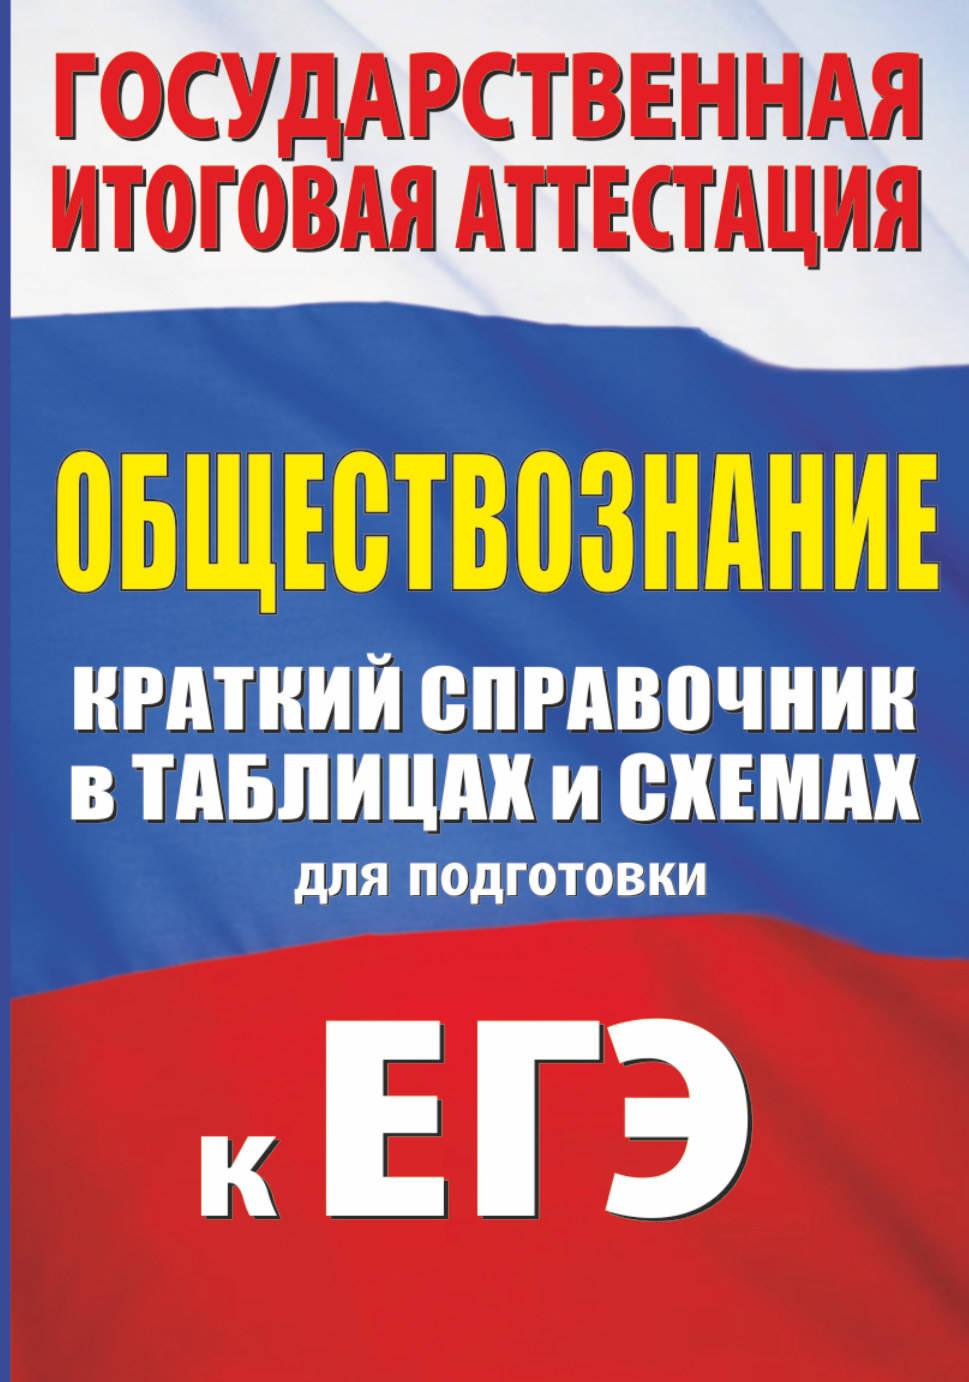 П. А. Баранов ЕГЭ. Обществознание. Краткий справочник в таблицах и схемах